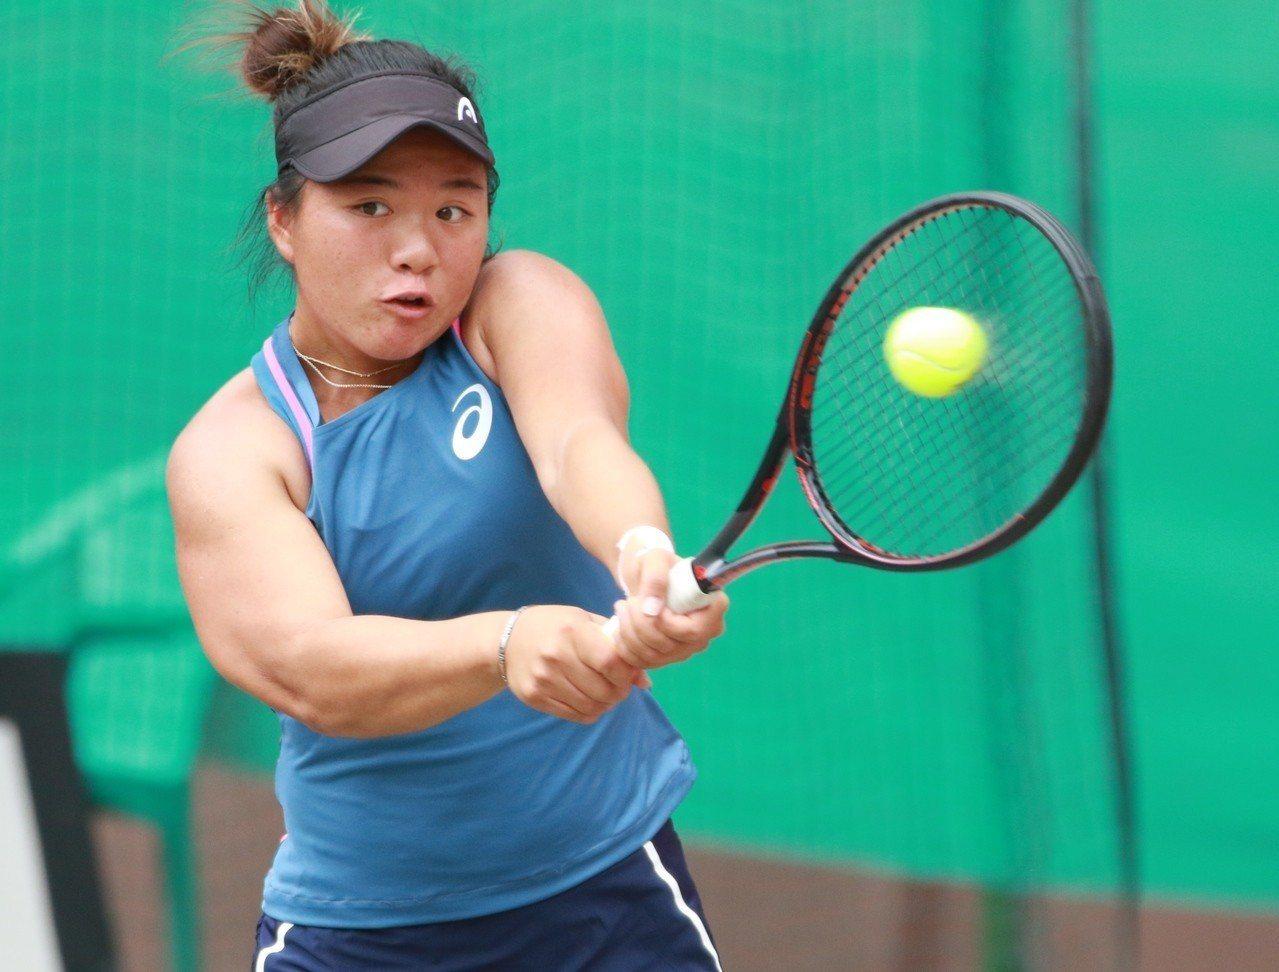 梁恩碩擔任第二點單打。圖/四維體育推廣教育基金會提供